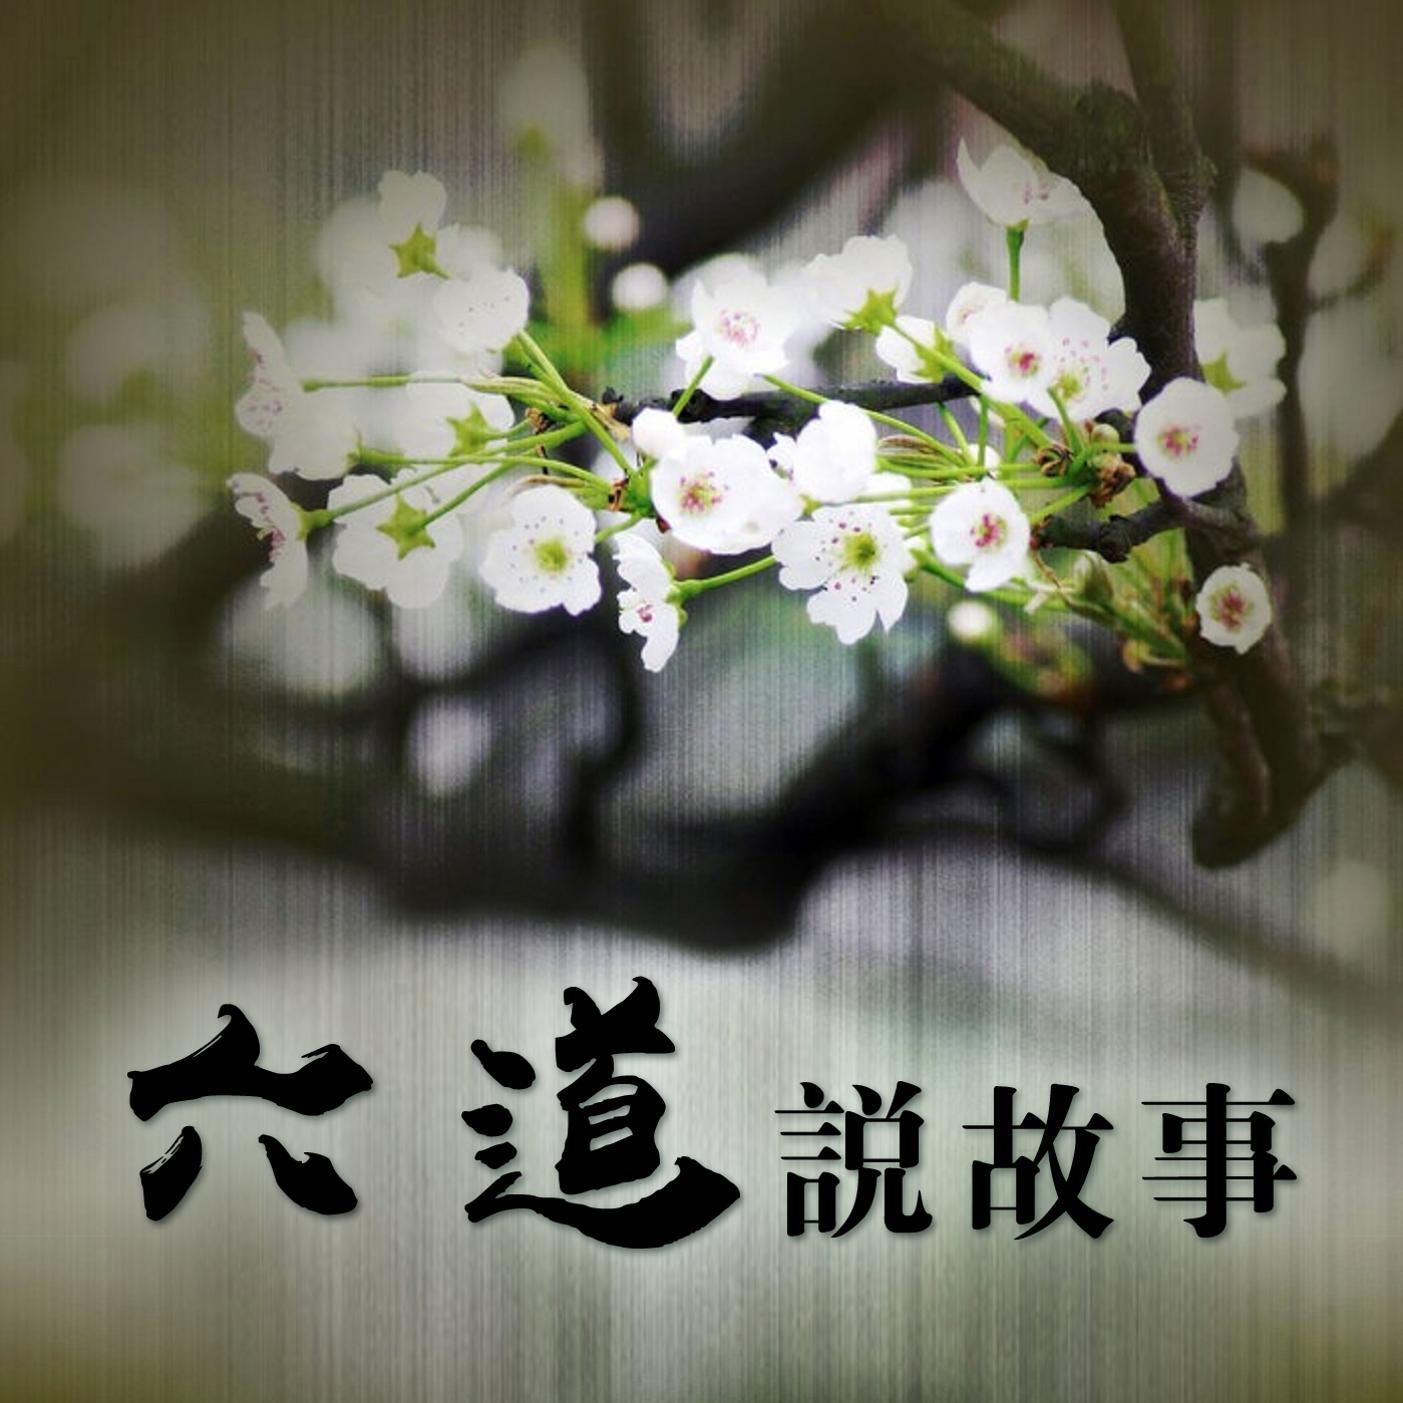 <![CDATA[六道说故事]]>